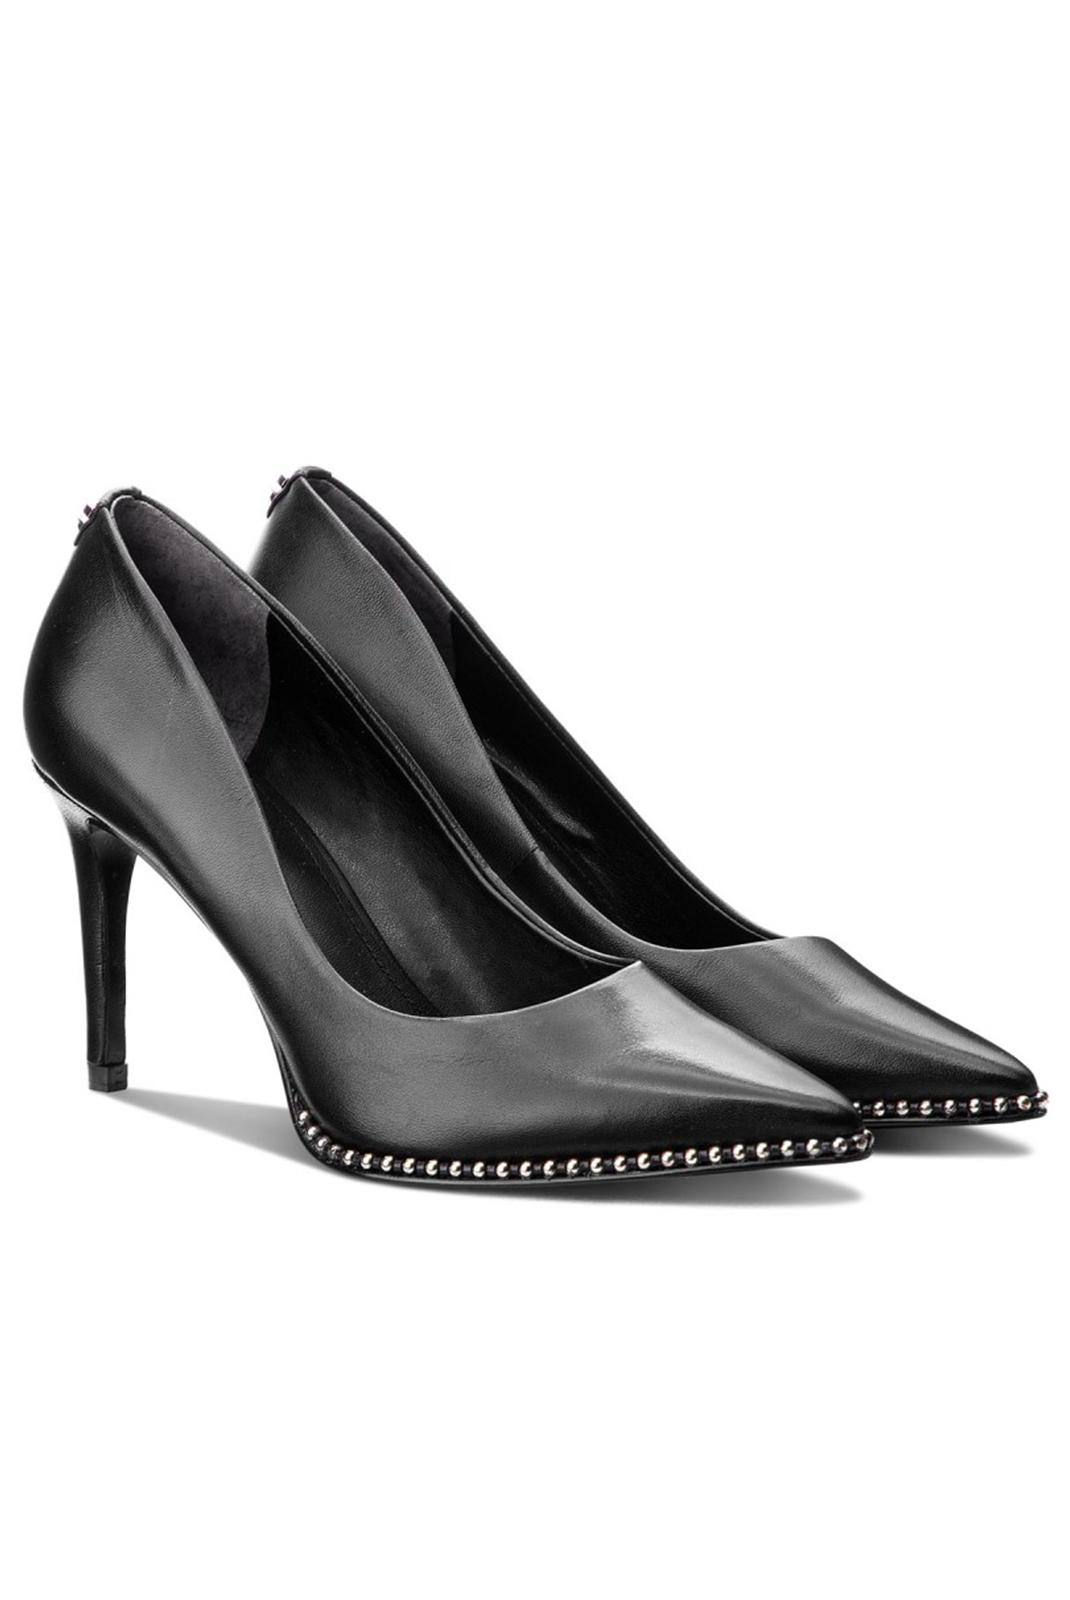 Chaussures de ville  Guess jeans FLBST4 LEA08 BLACK